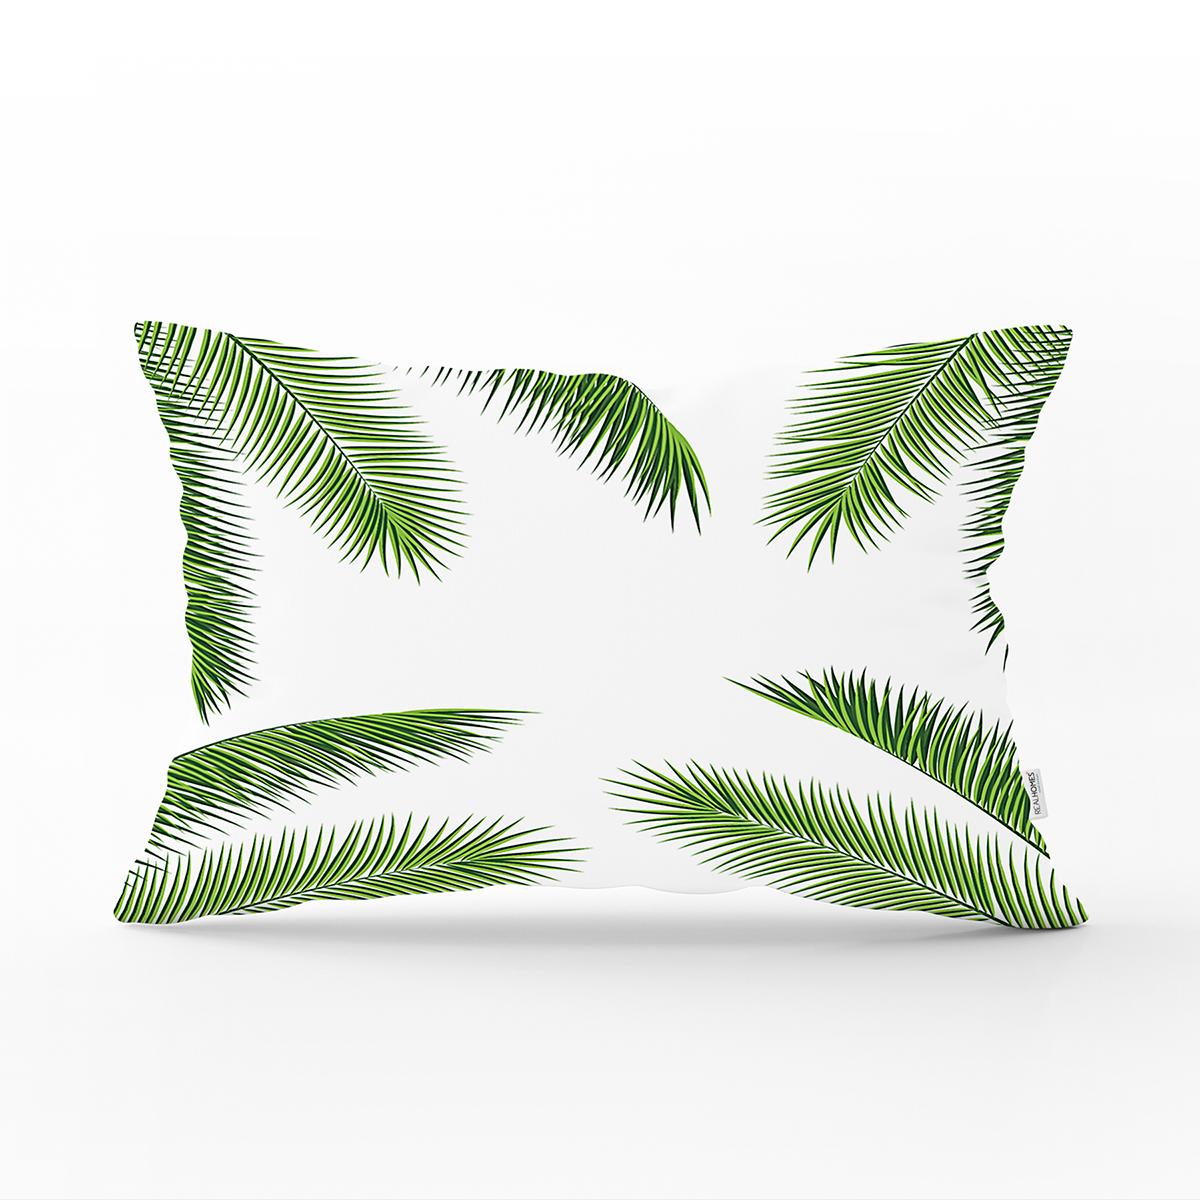 Beyaz Zemin Üzerinde Yeşil İnce Yaprak Desenli Modern Dikdörtgen Yastık Kırlent Kılıfı Realhomes